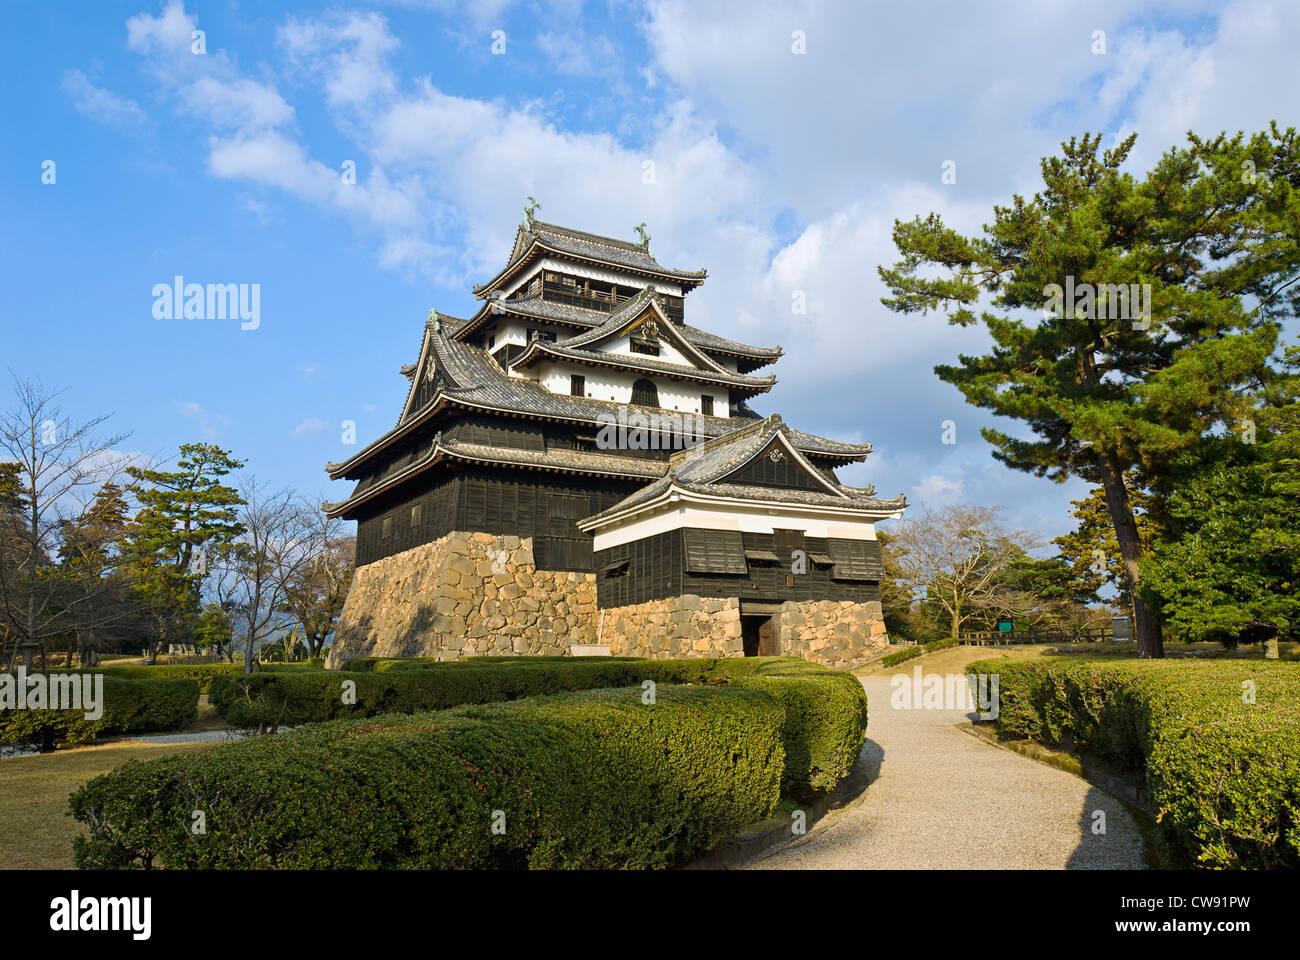 Château de Matsue, Préfecture de Shimane, au Japon. Château médiéval en bois, ch. 1622. Banque D'Images